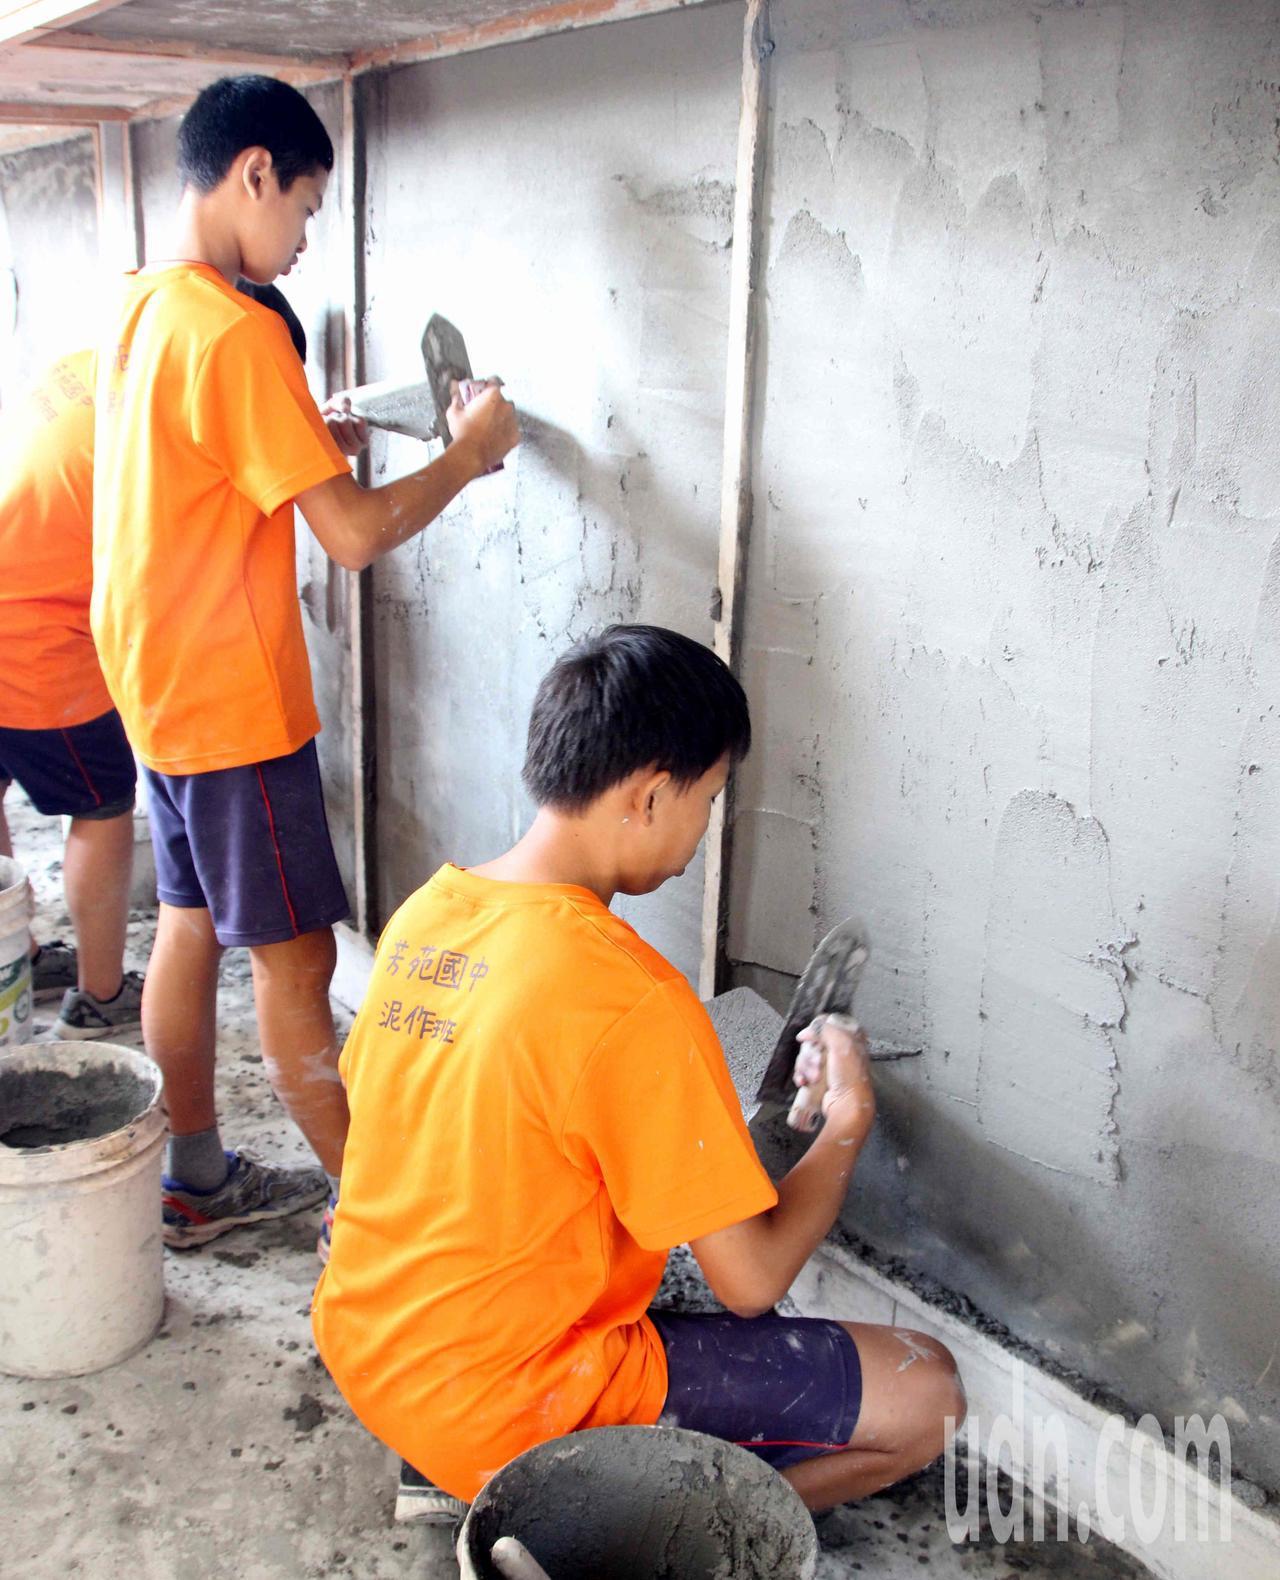 芳苑國中開辦泥作班,學生練抹牆基本功,學習一技之長。記者林敬家/攝影